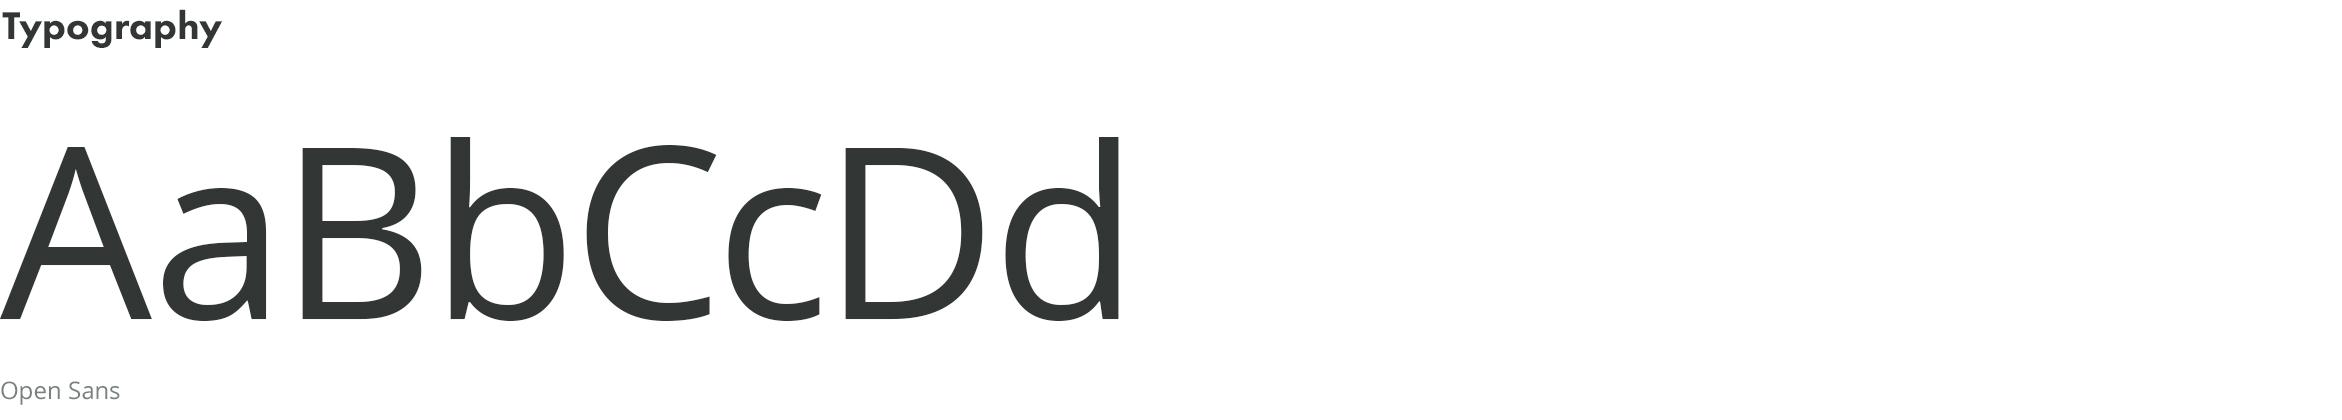 #-typography@2x